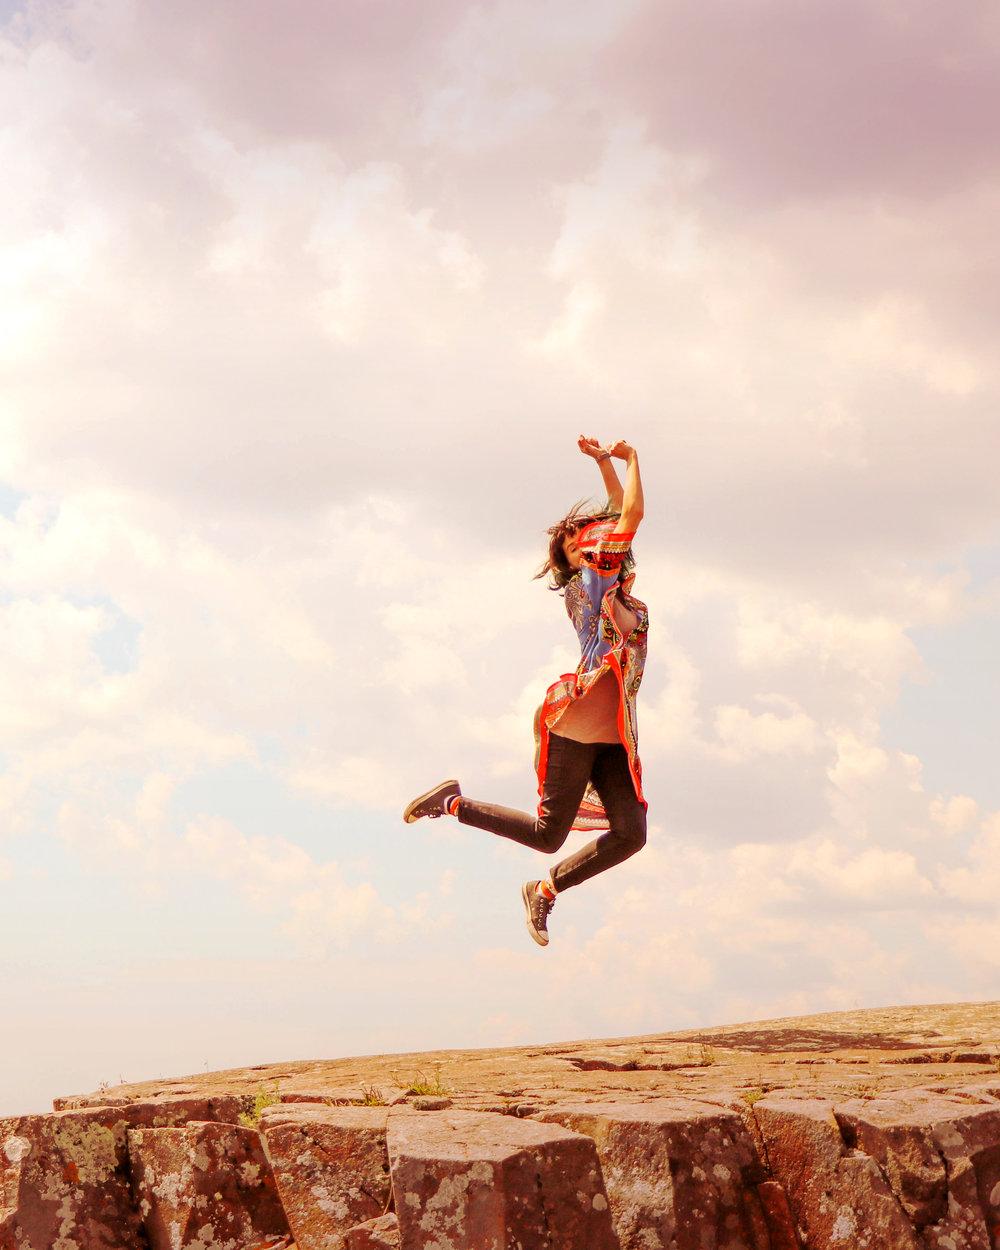 Jumping_on_Rocks.jpg